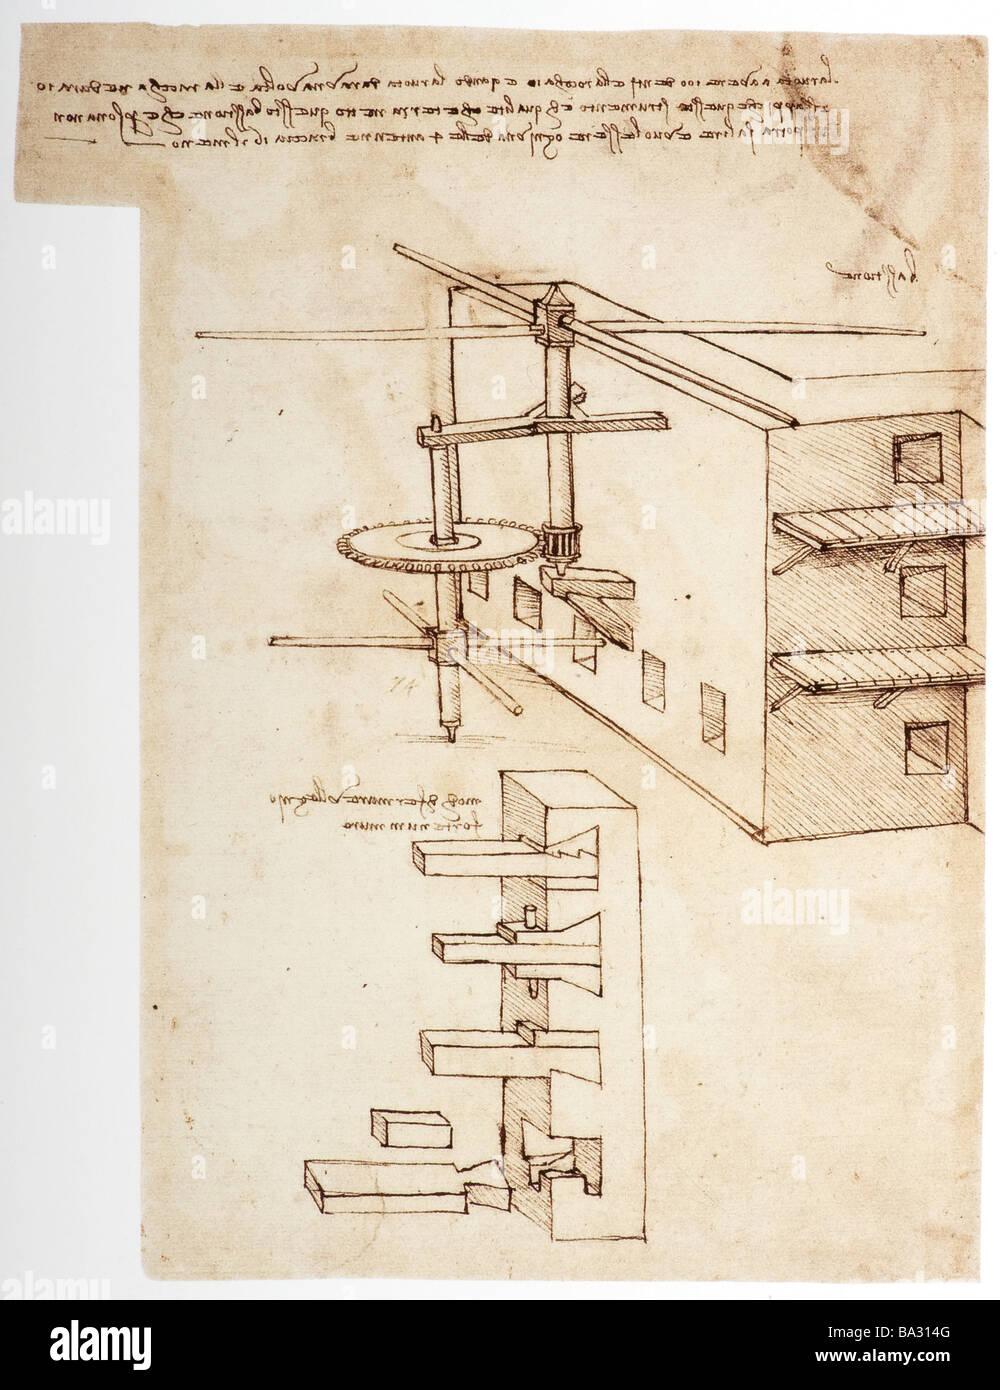 La machine pour éviter les murs de la forteresse d'être à l'échelle par Leonardo da Photo Stock